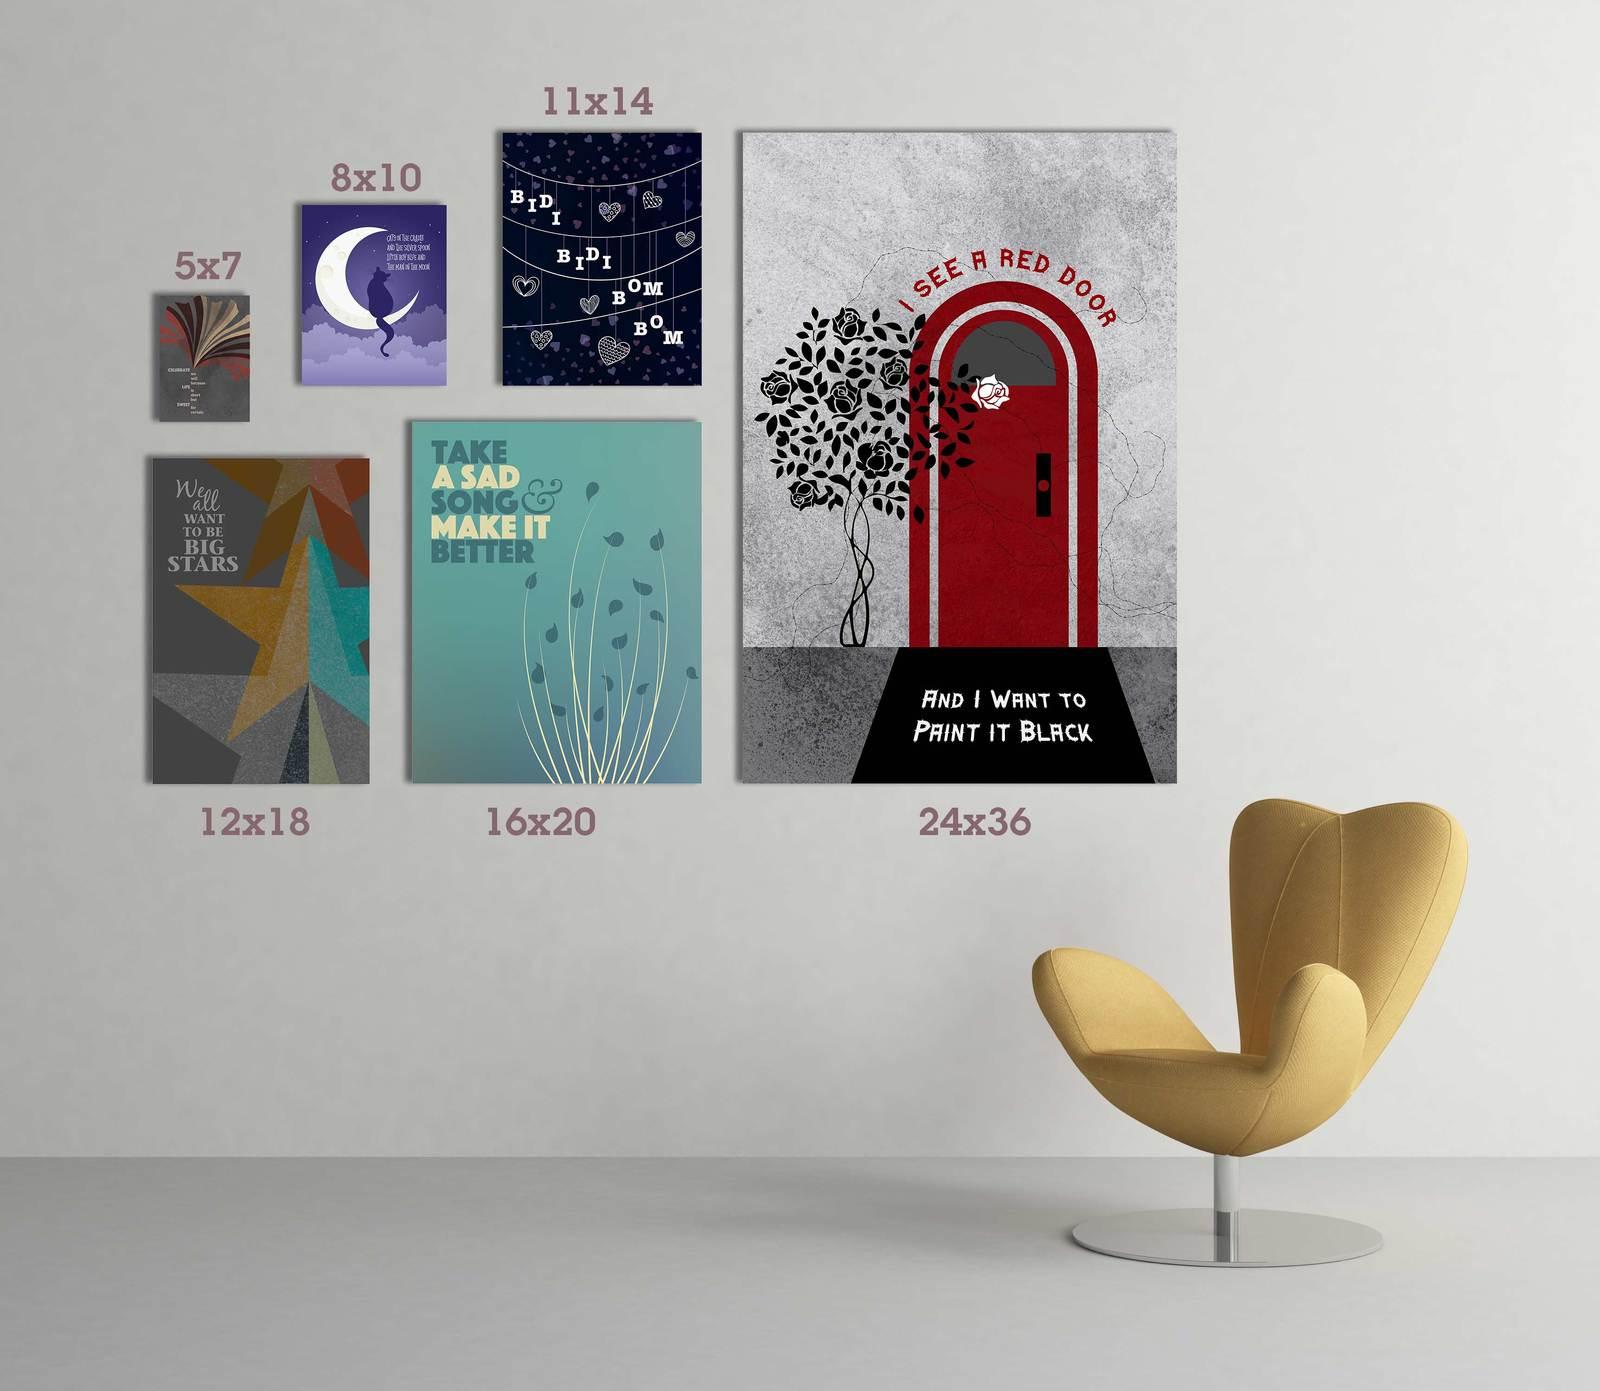 Bidi Bidi Bom Bom Print Poster Selena Quintanilla Lyric Inspired Artwork Entertainment Memorabilia Music Memorabilia